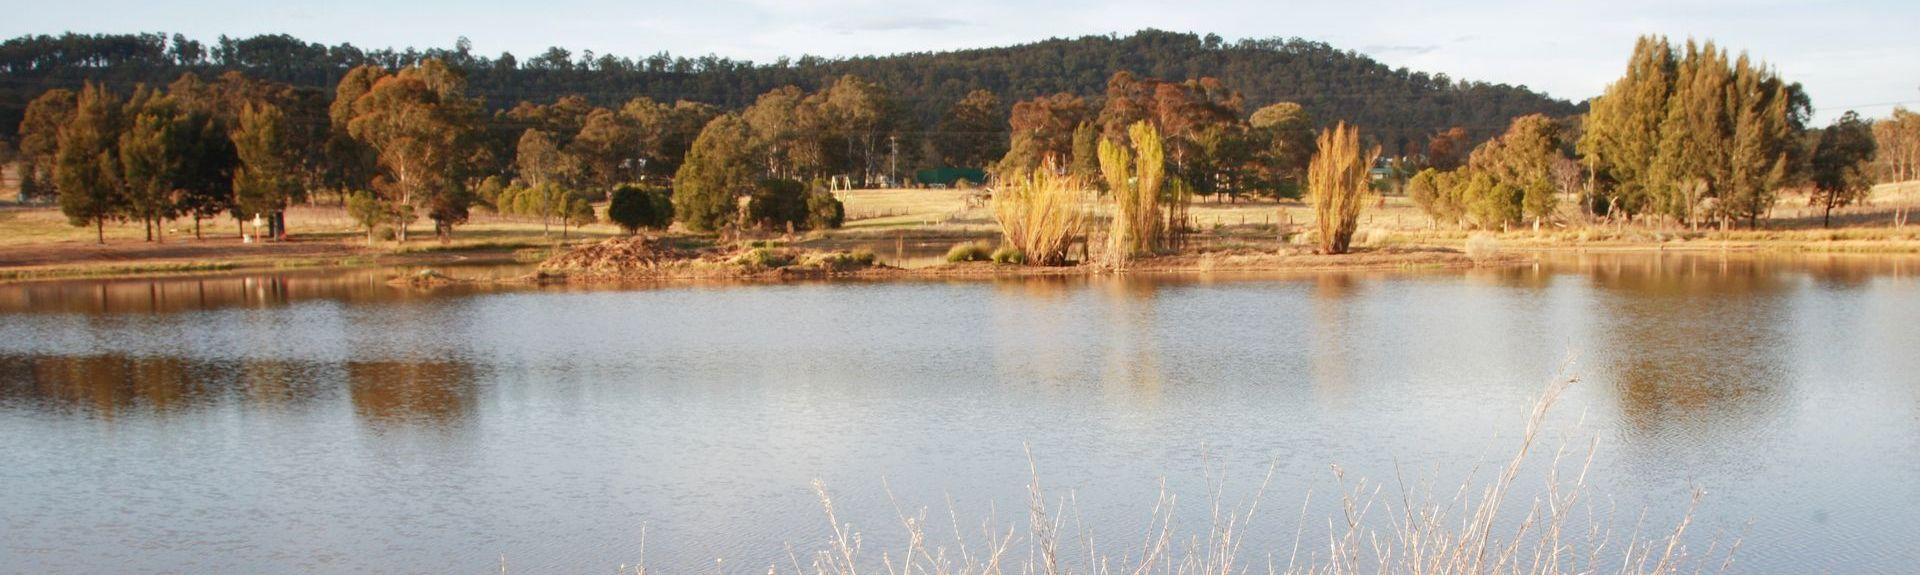 Keith Tulloch Wine, Pokolbin, New South Wales, Australia